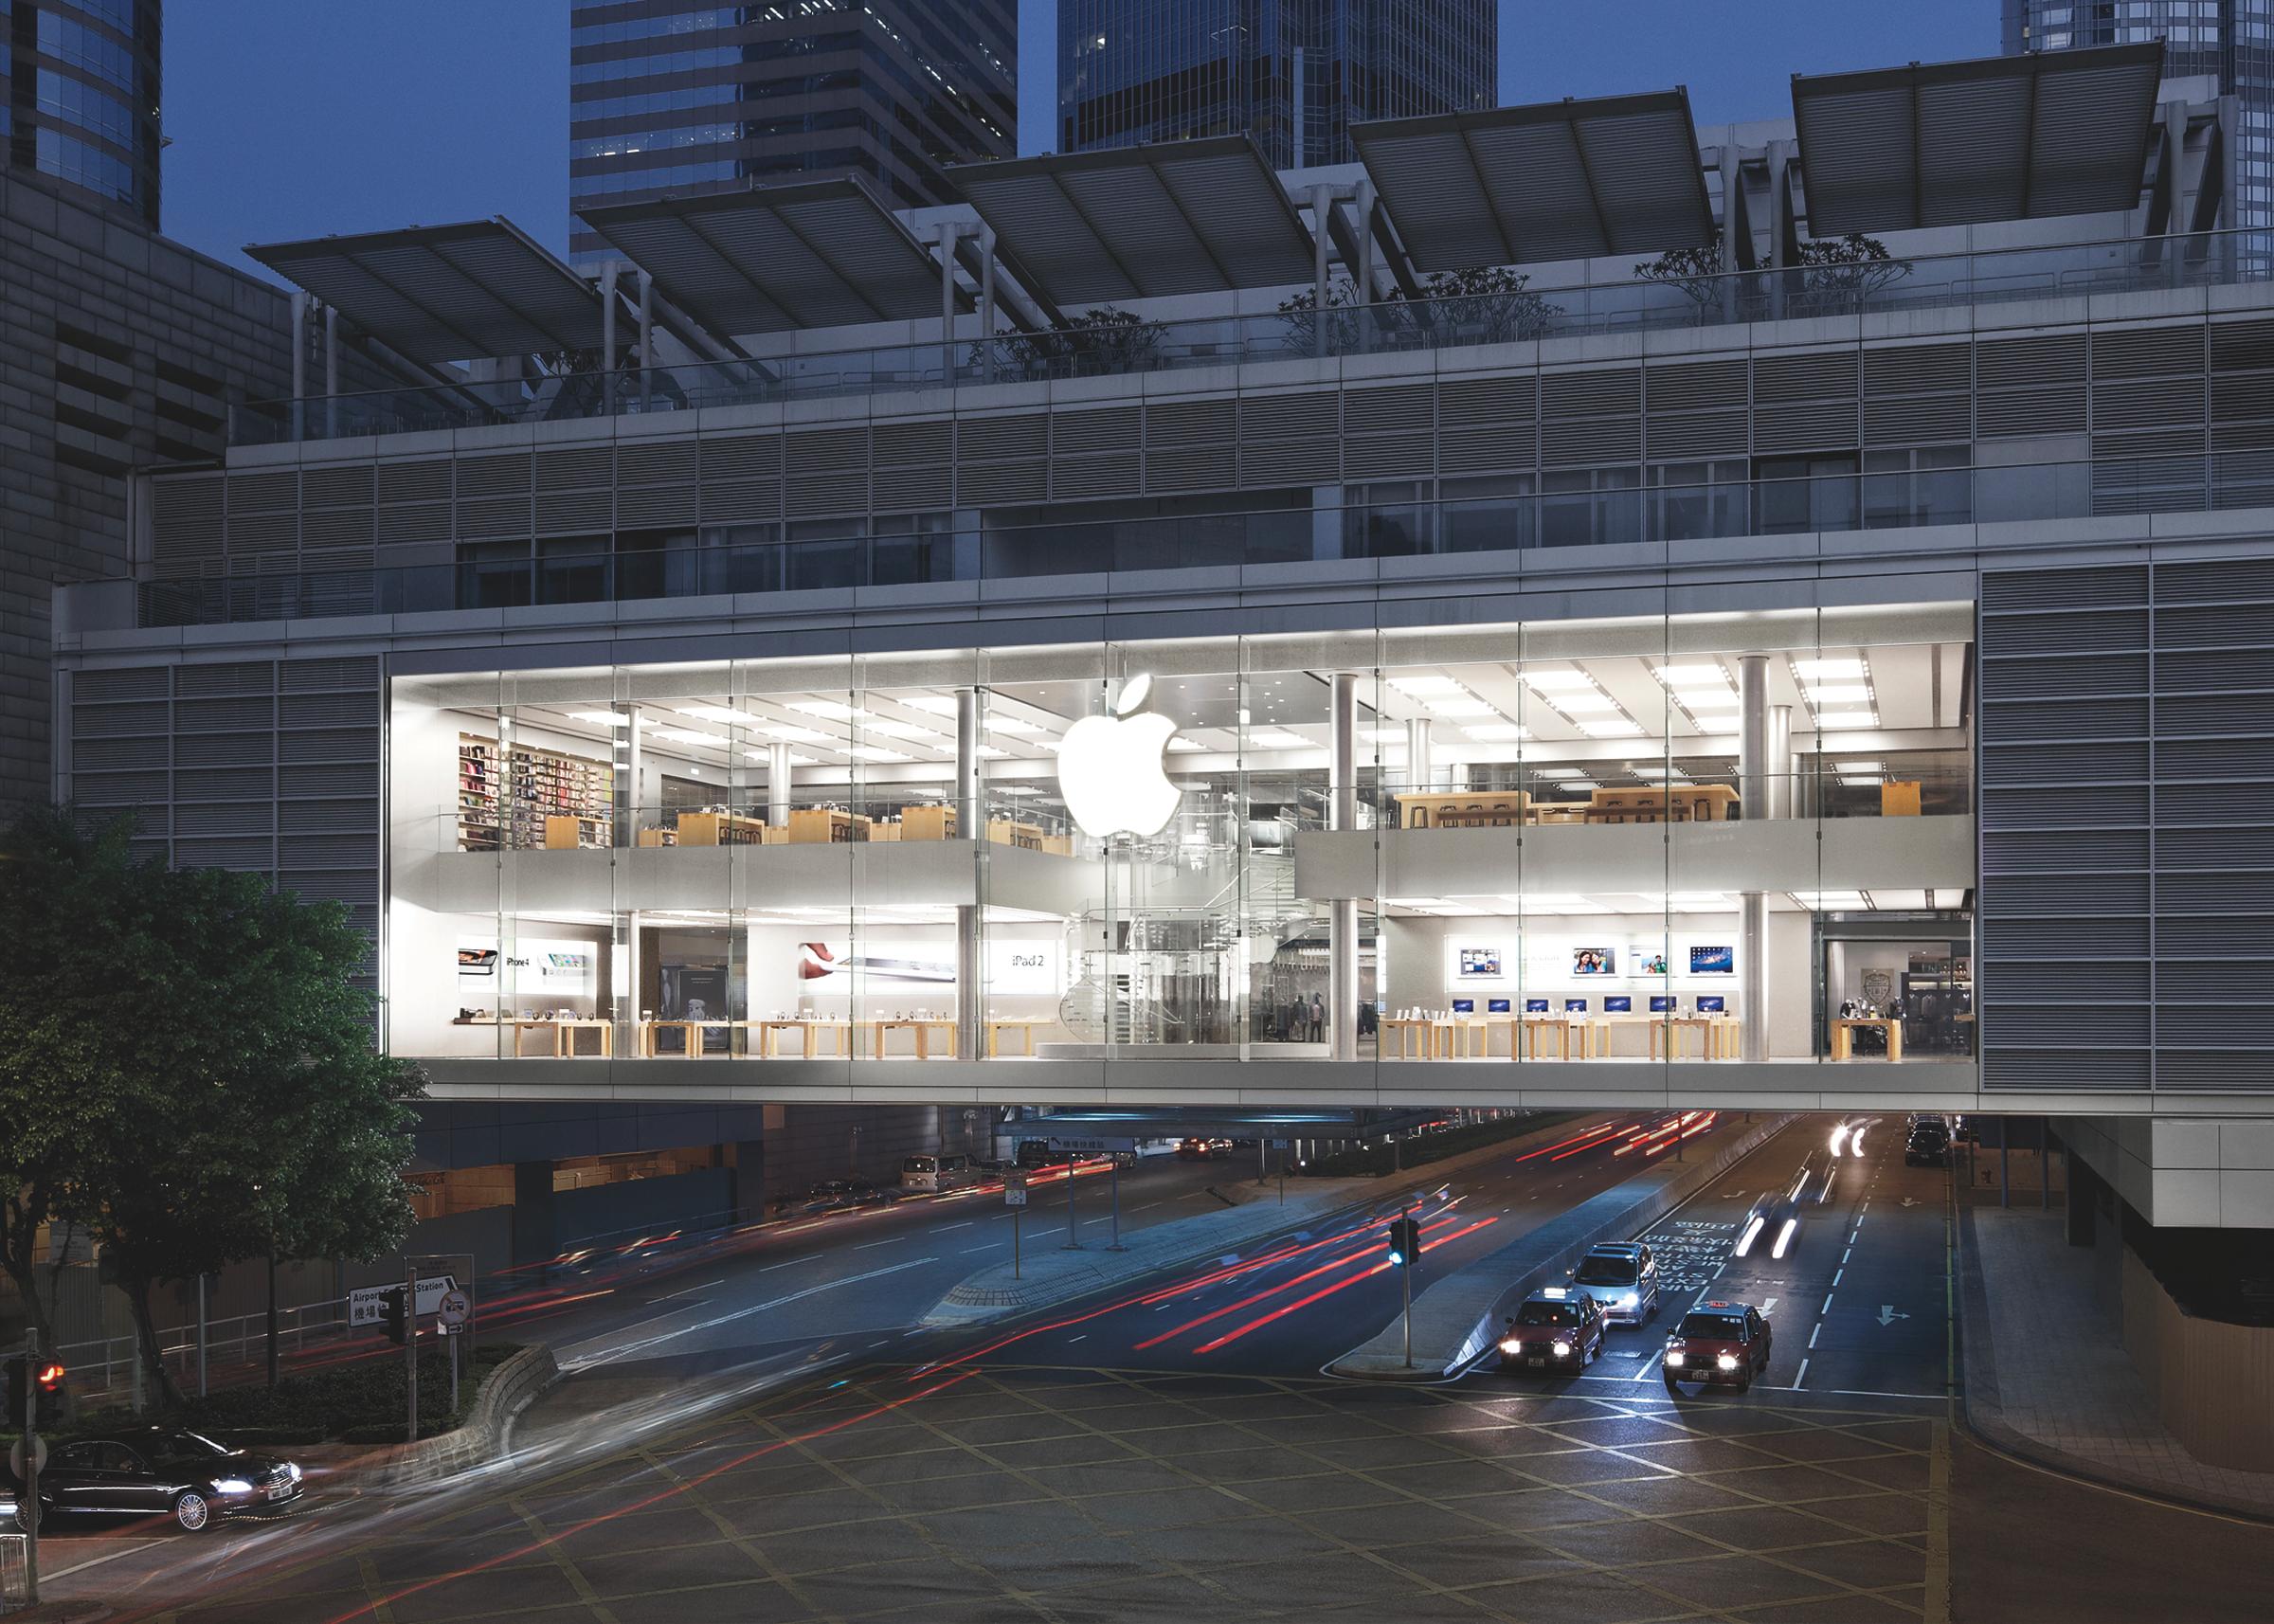 Exterior of Apple Store Hong Kong at night